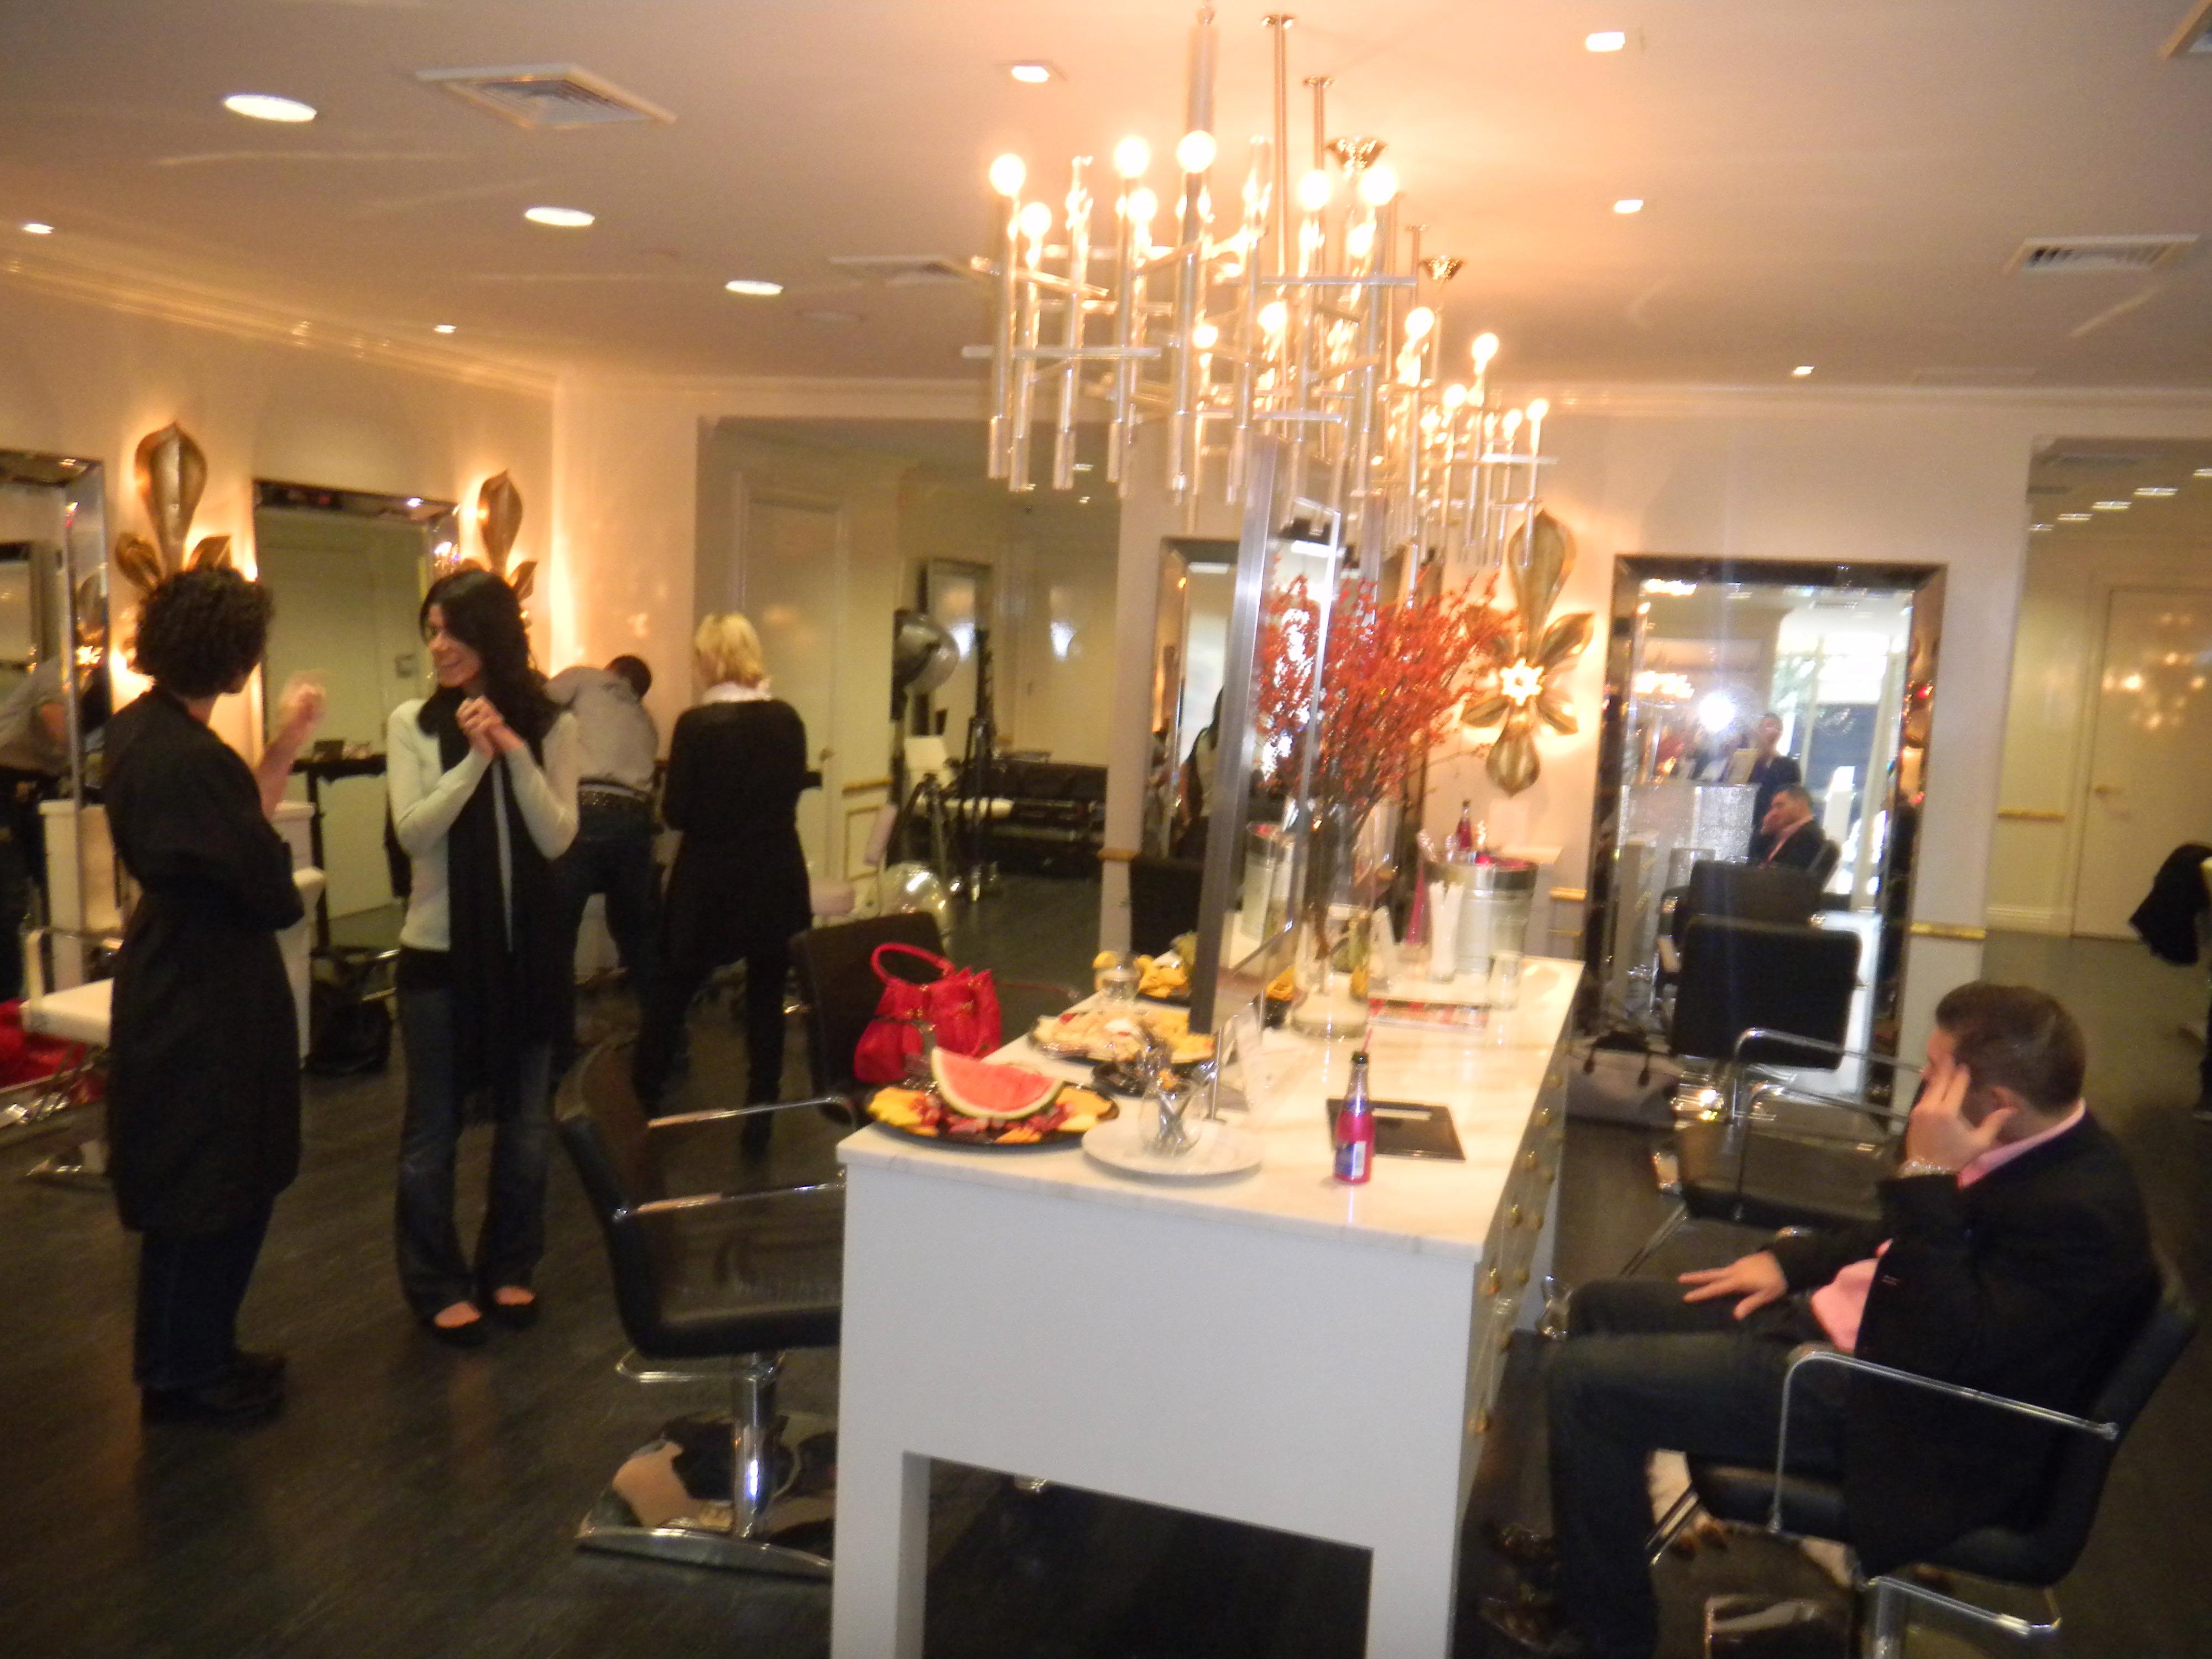 De Berardinis' salon